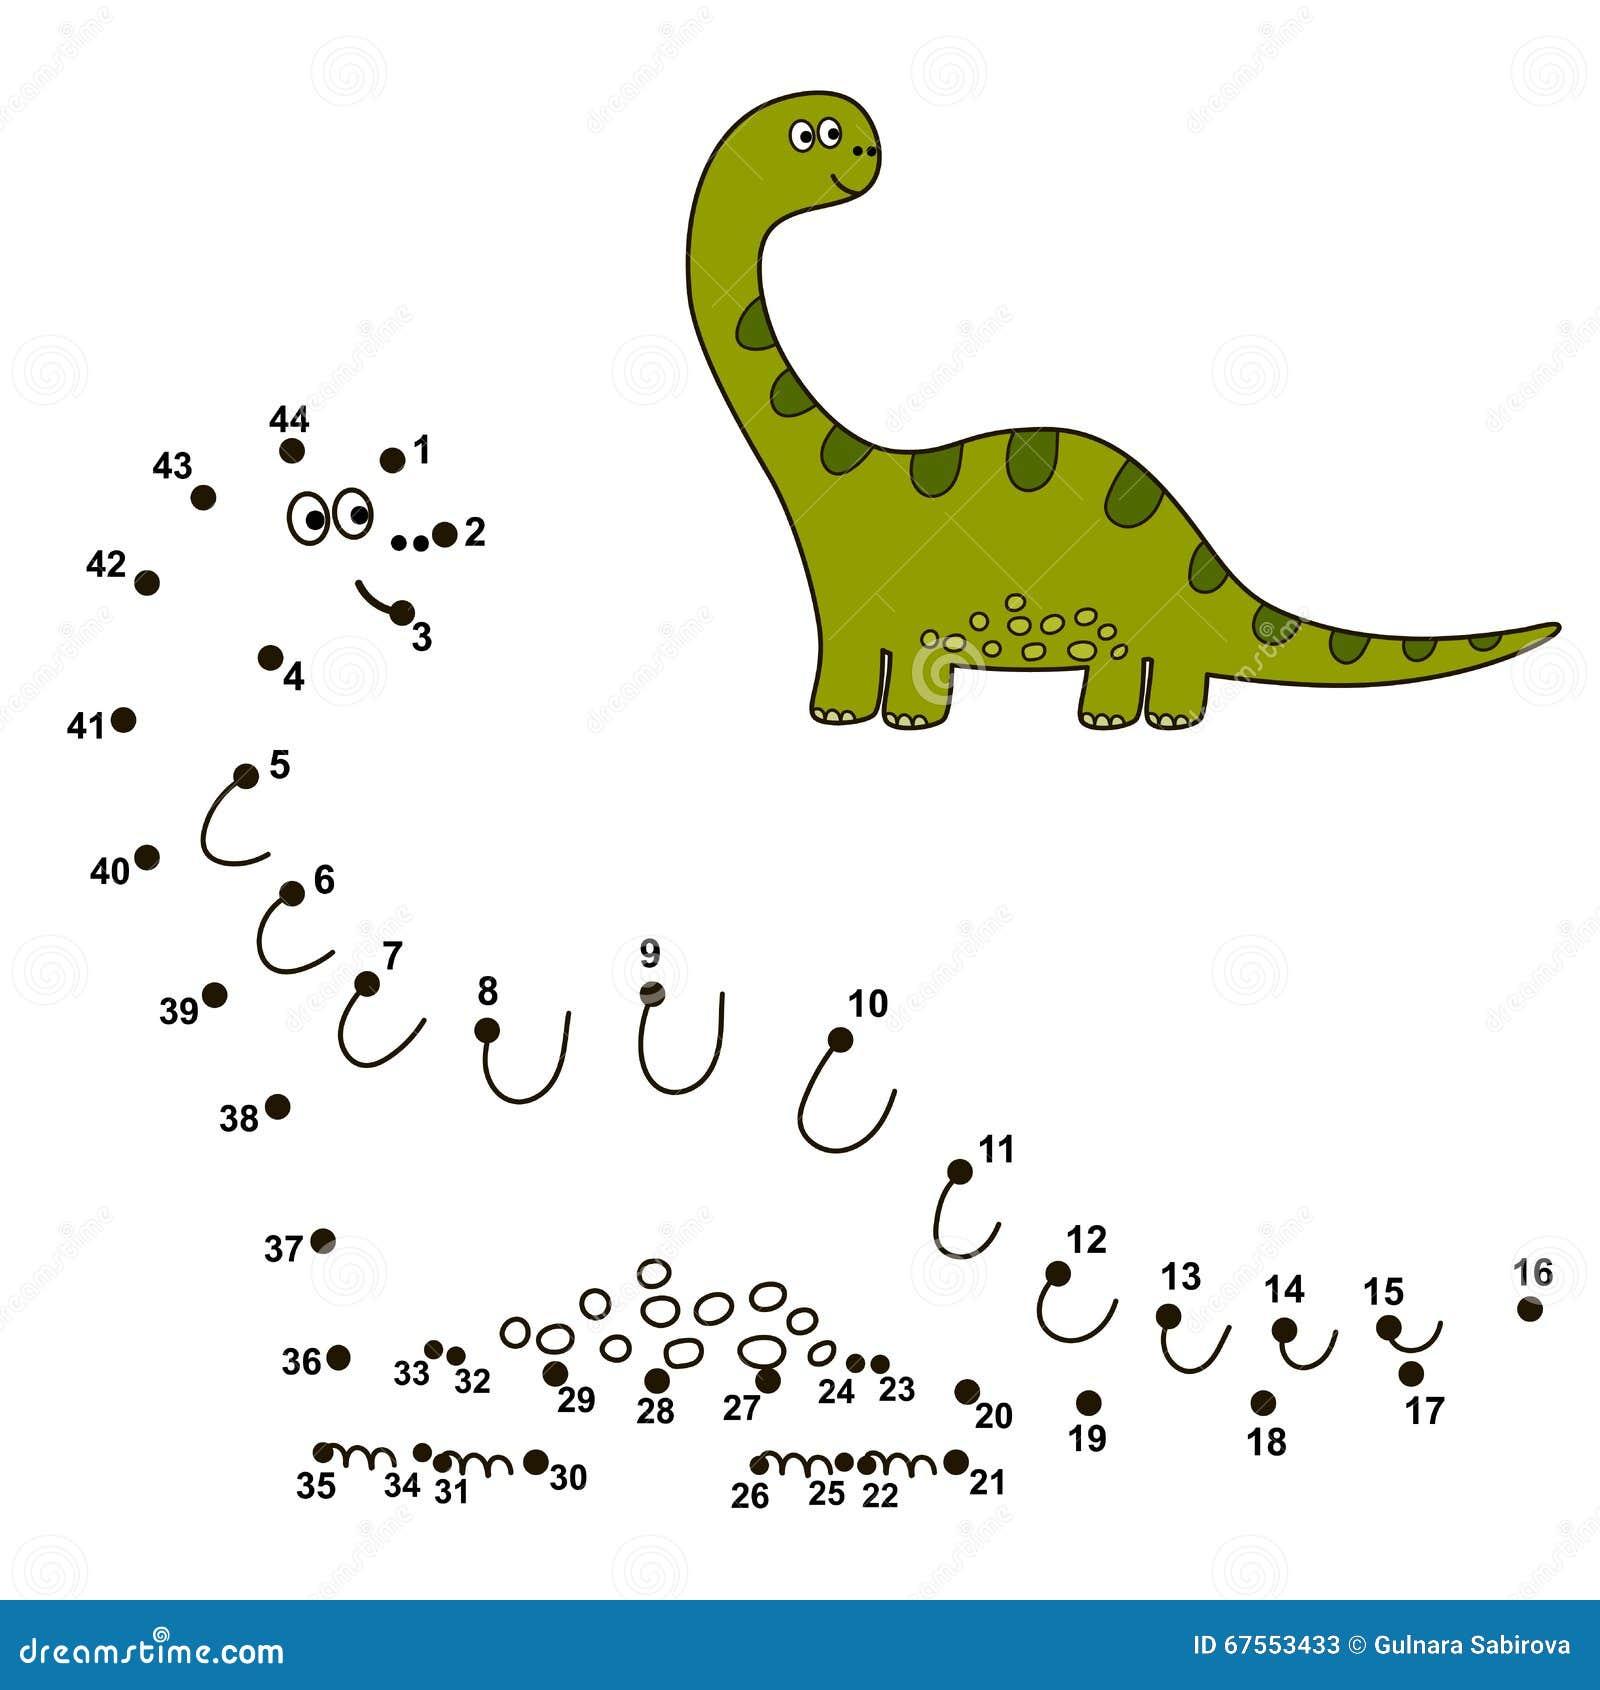 Colleghi i punti per disegnare un dinosauro sveglio e per colorarlo